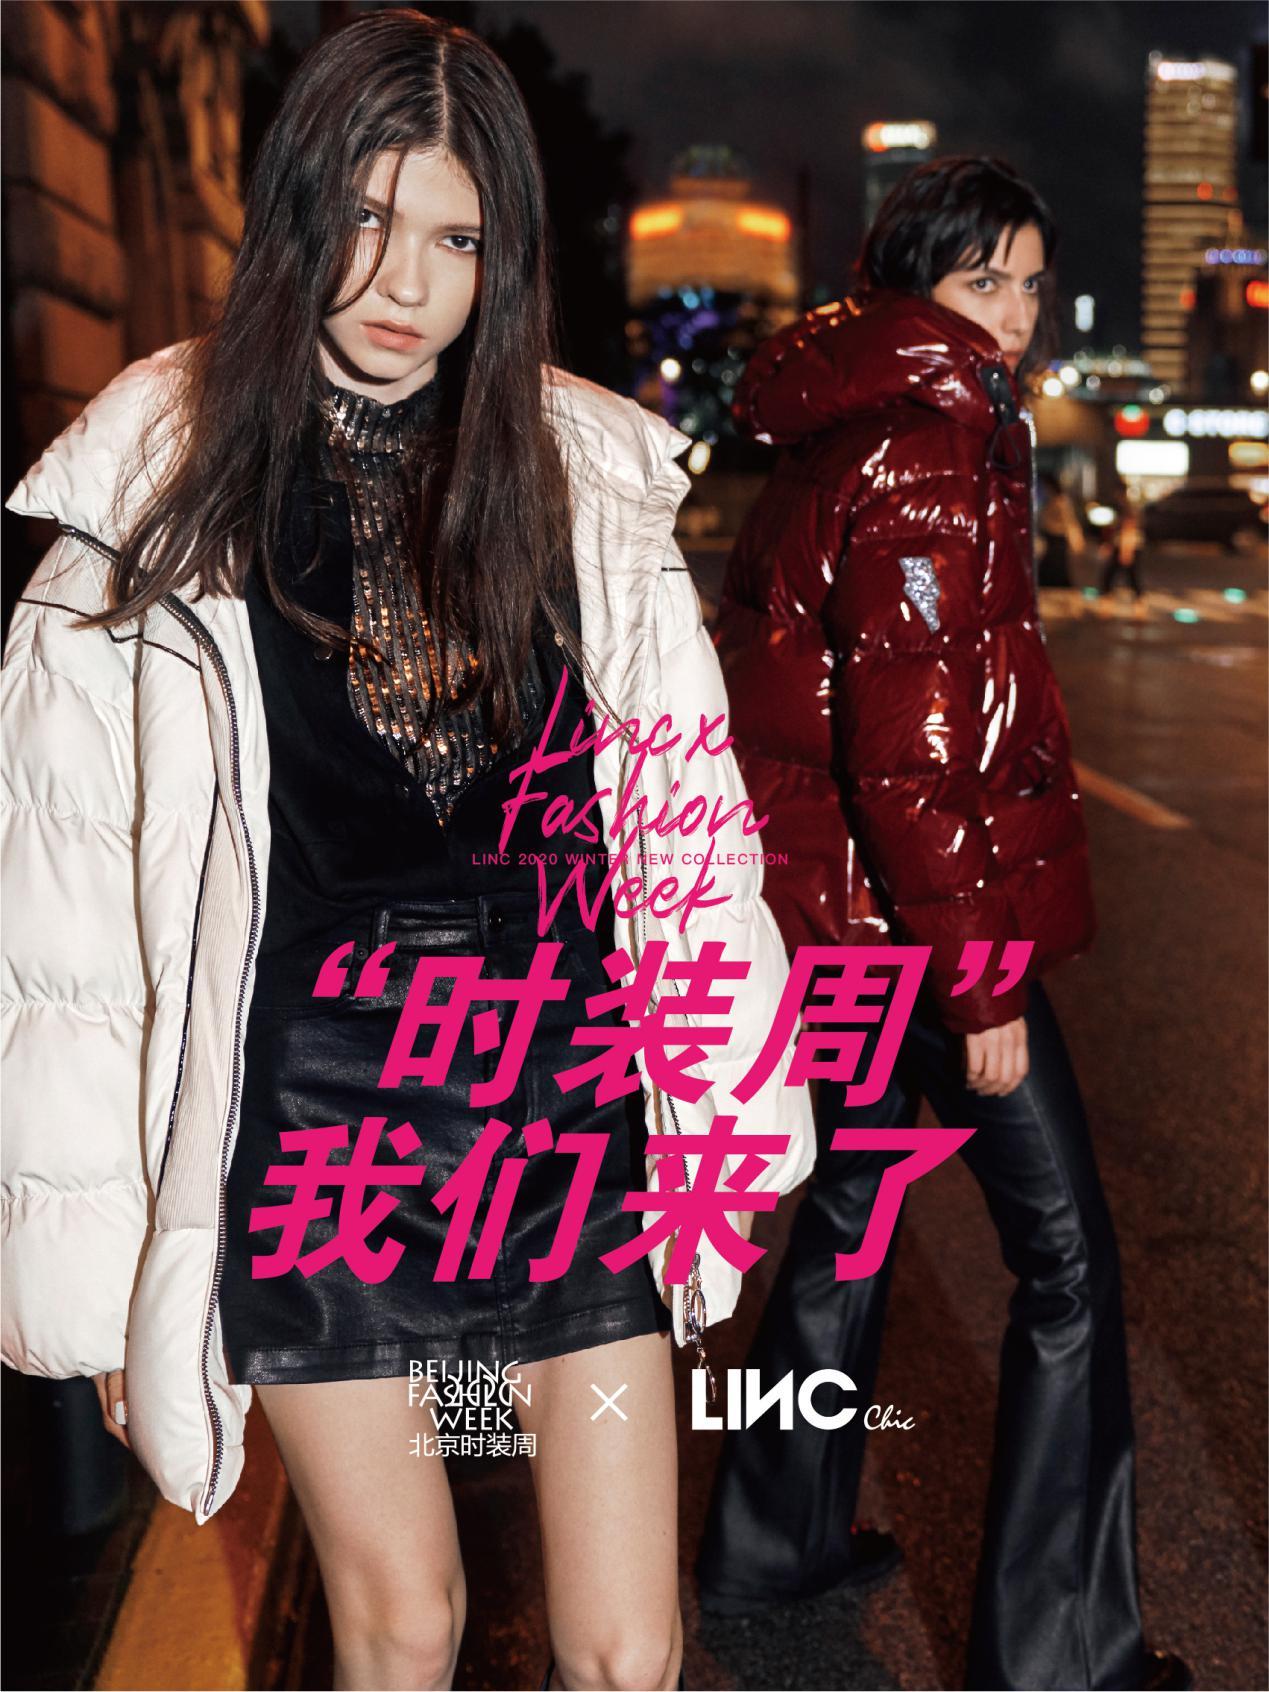 LINC金羽杰亮相2020北京时装周,以时尚倡导品质生活